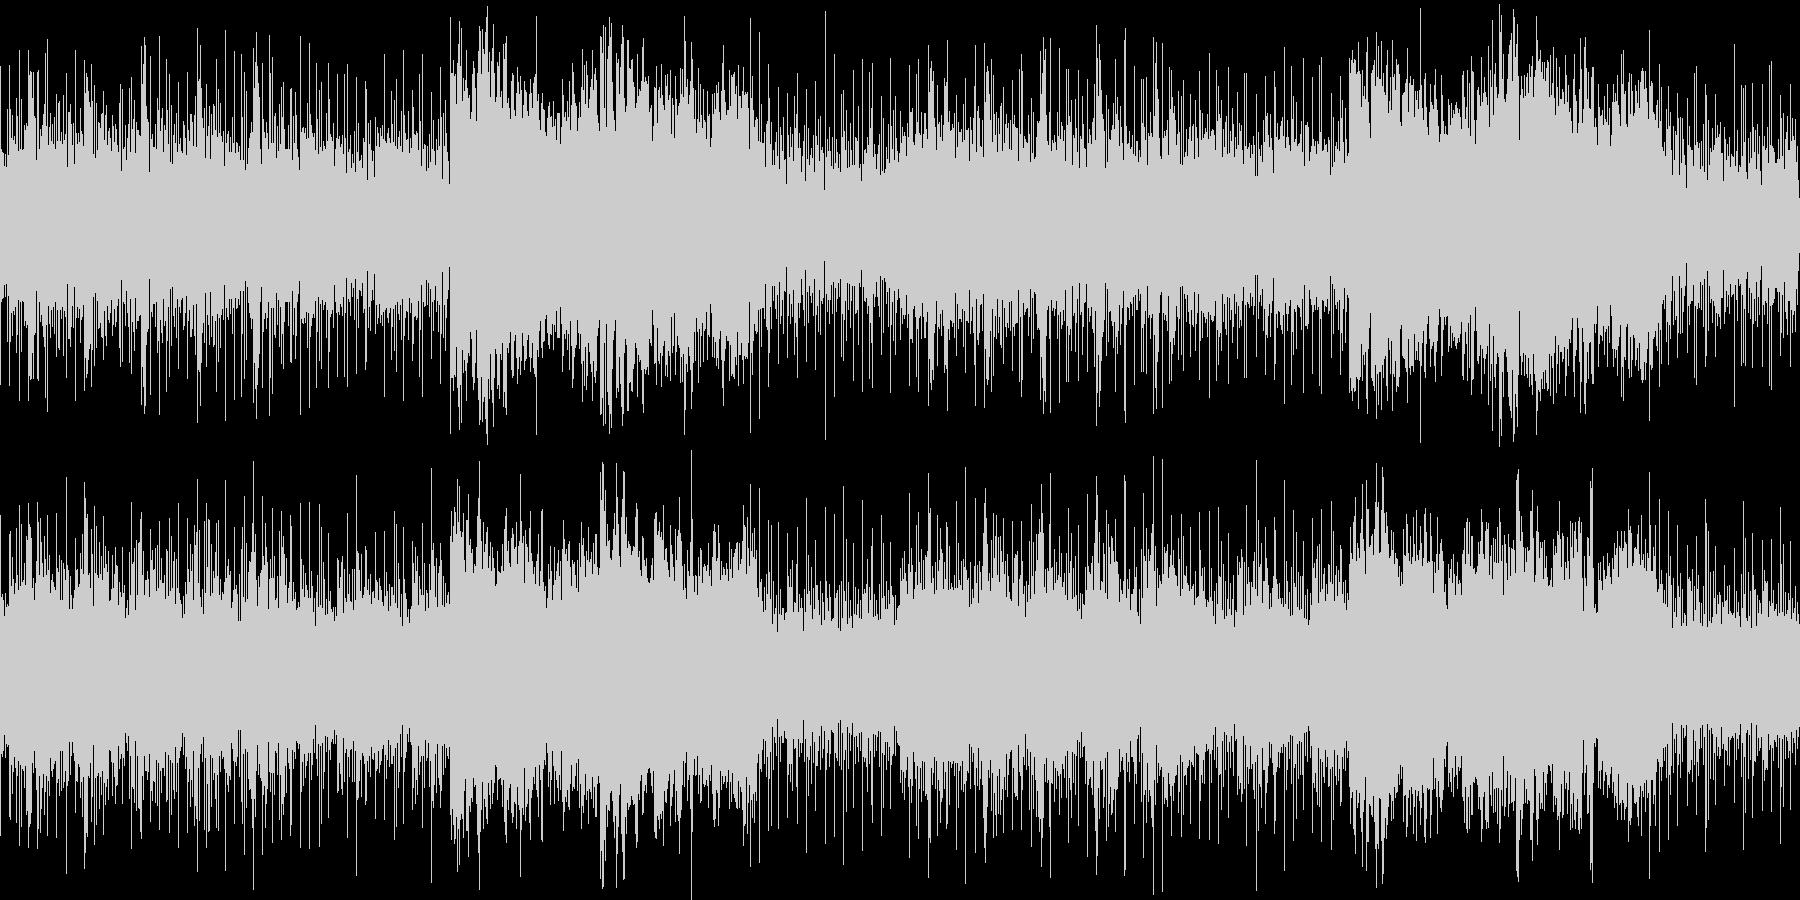 ホラー要素の強い不安定なアンビエントの未再生の波形